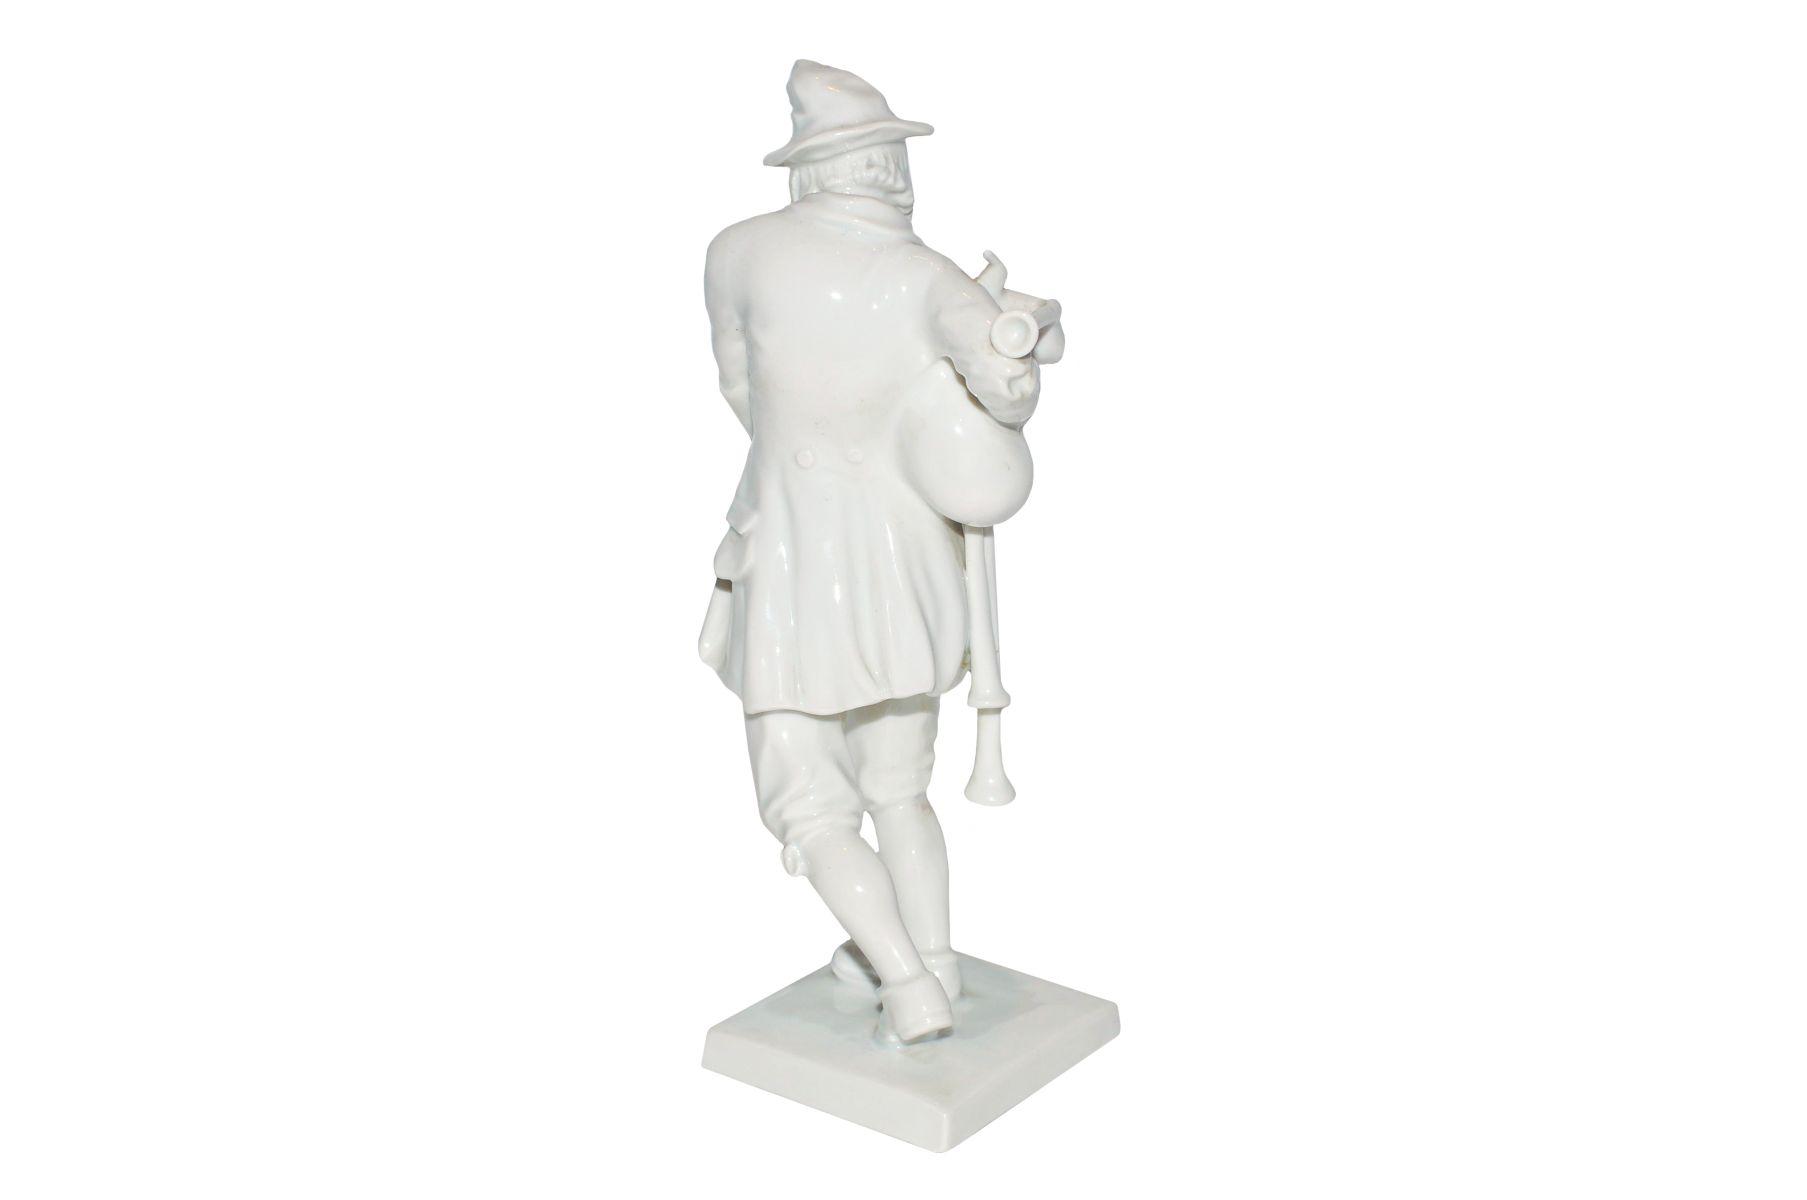 """Figur """"Lieber Augustin"""" Augarten - Bild 4 aus 4"""